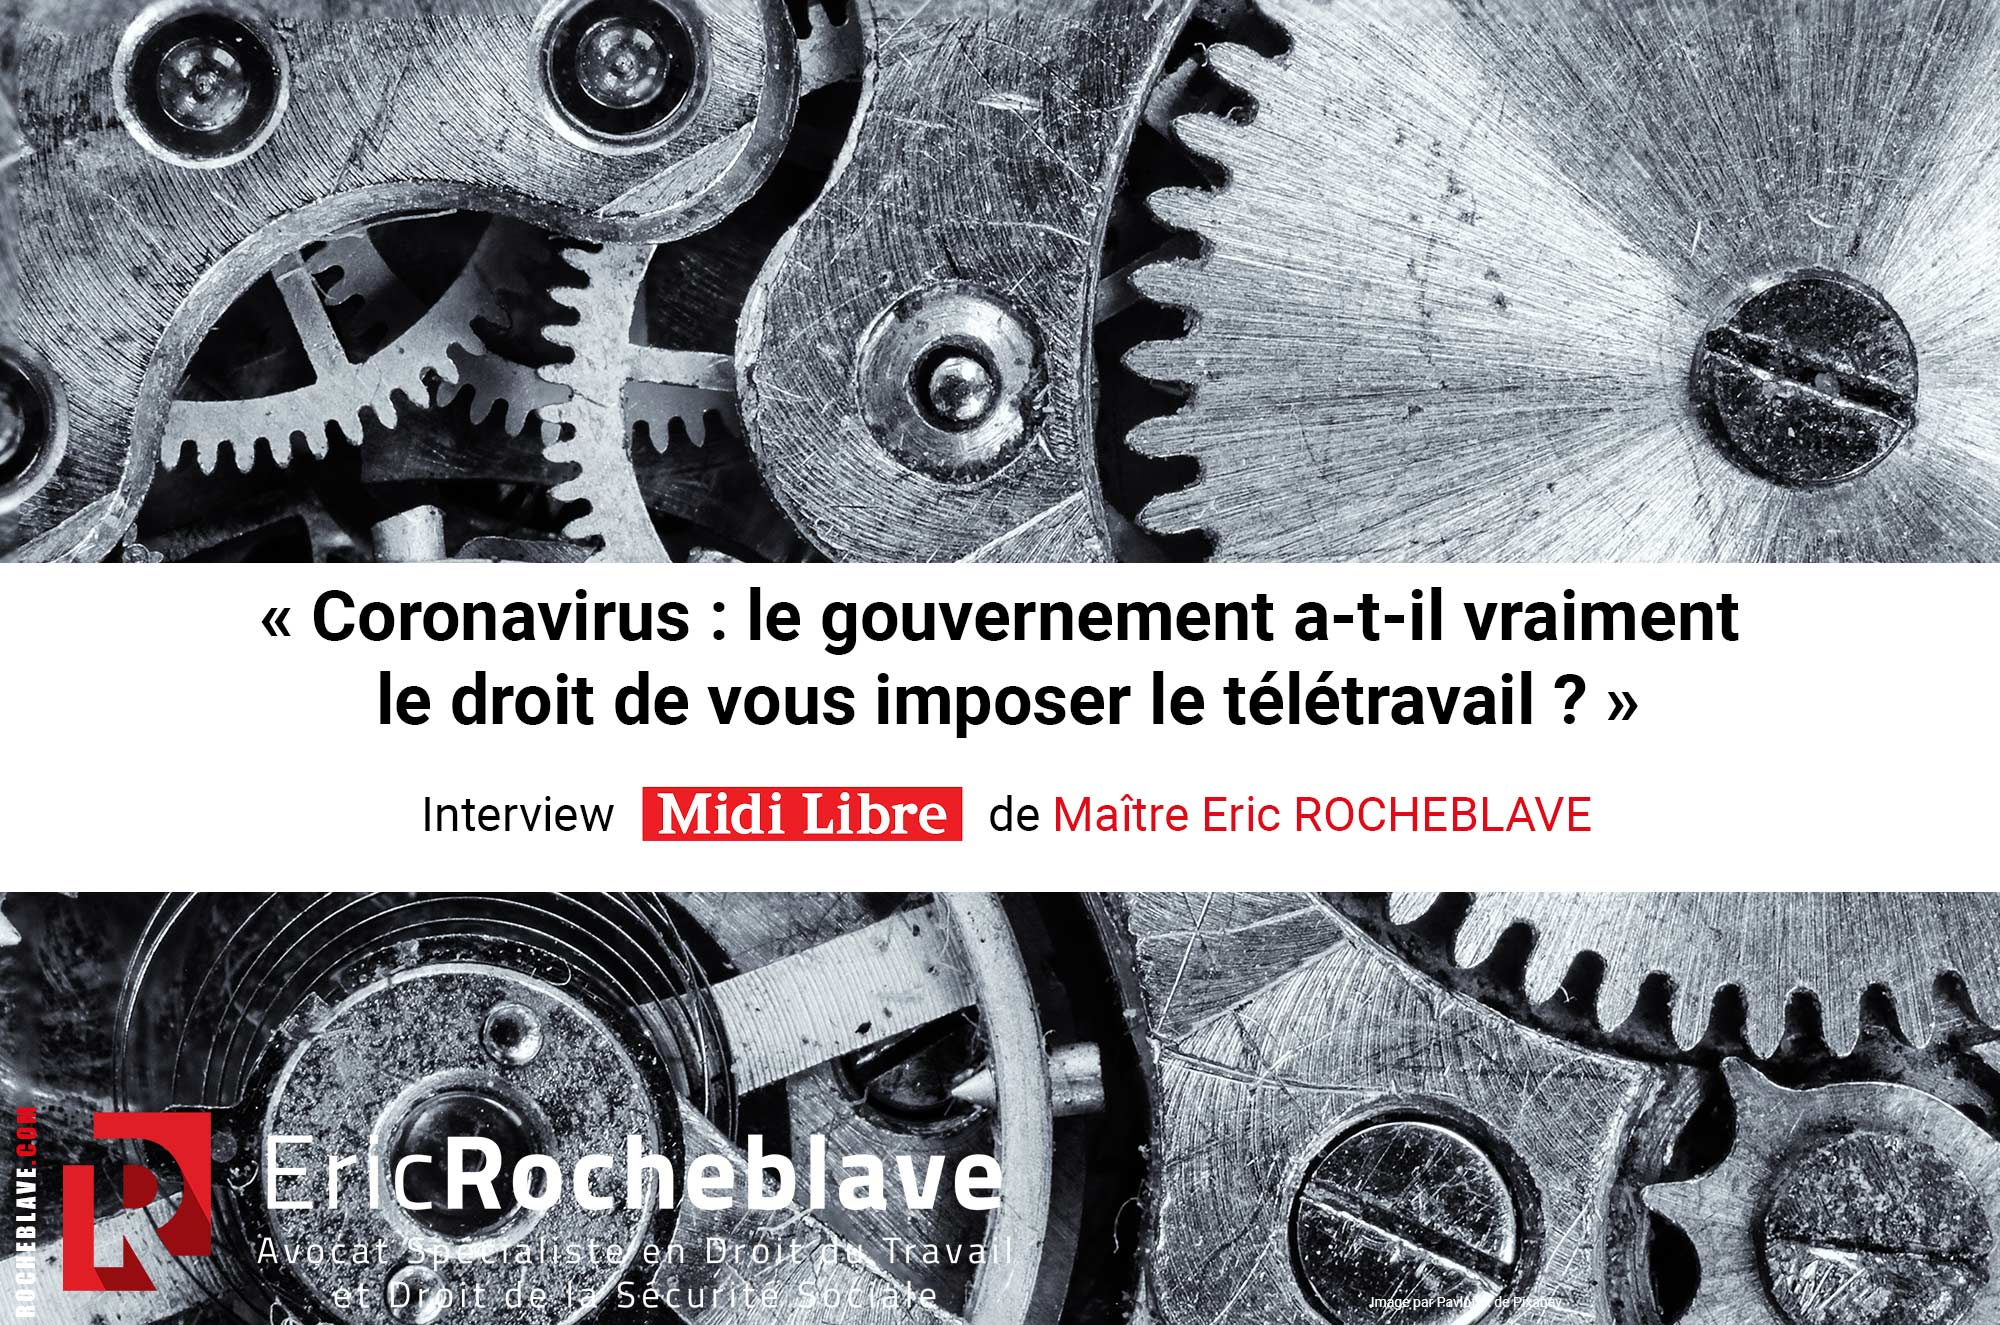 « Coronavirus : le gouvernement a-t-il vraiment le droit de vous imposer le télétravail ? » Interview Midi Libre de Maître Eric ROCHEBLAVE